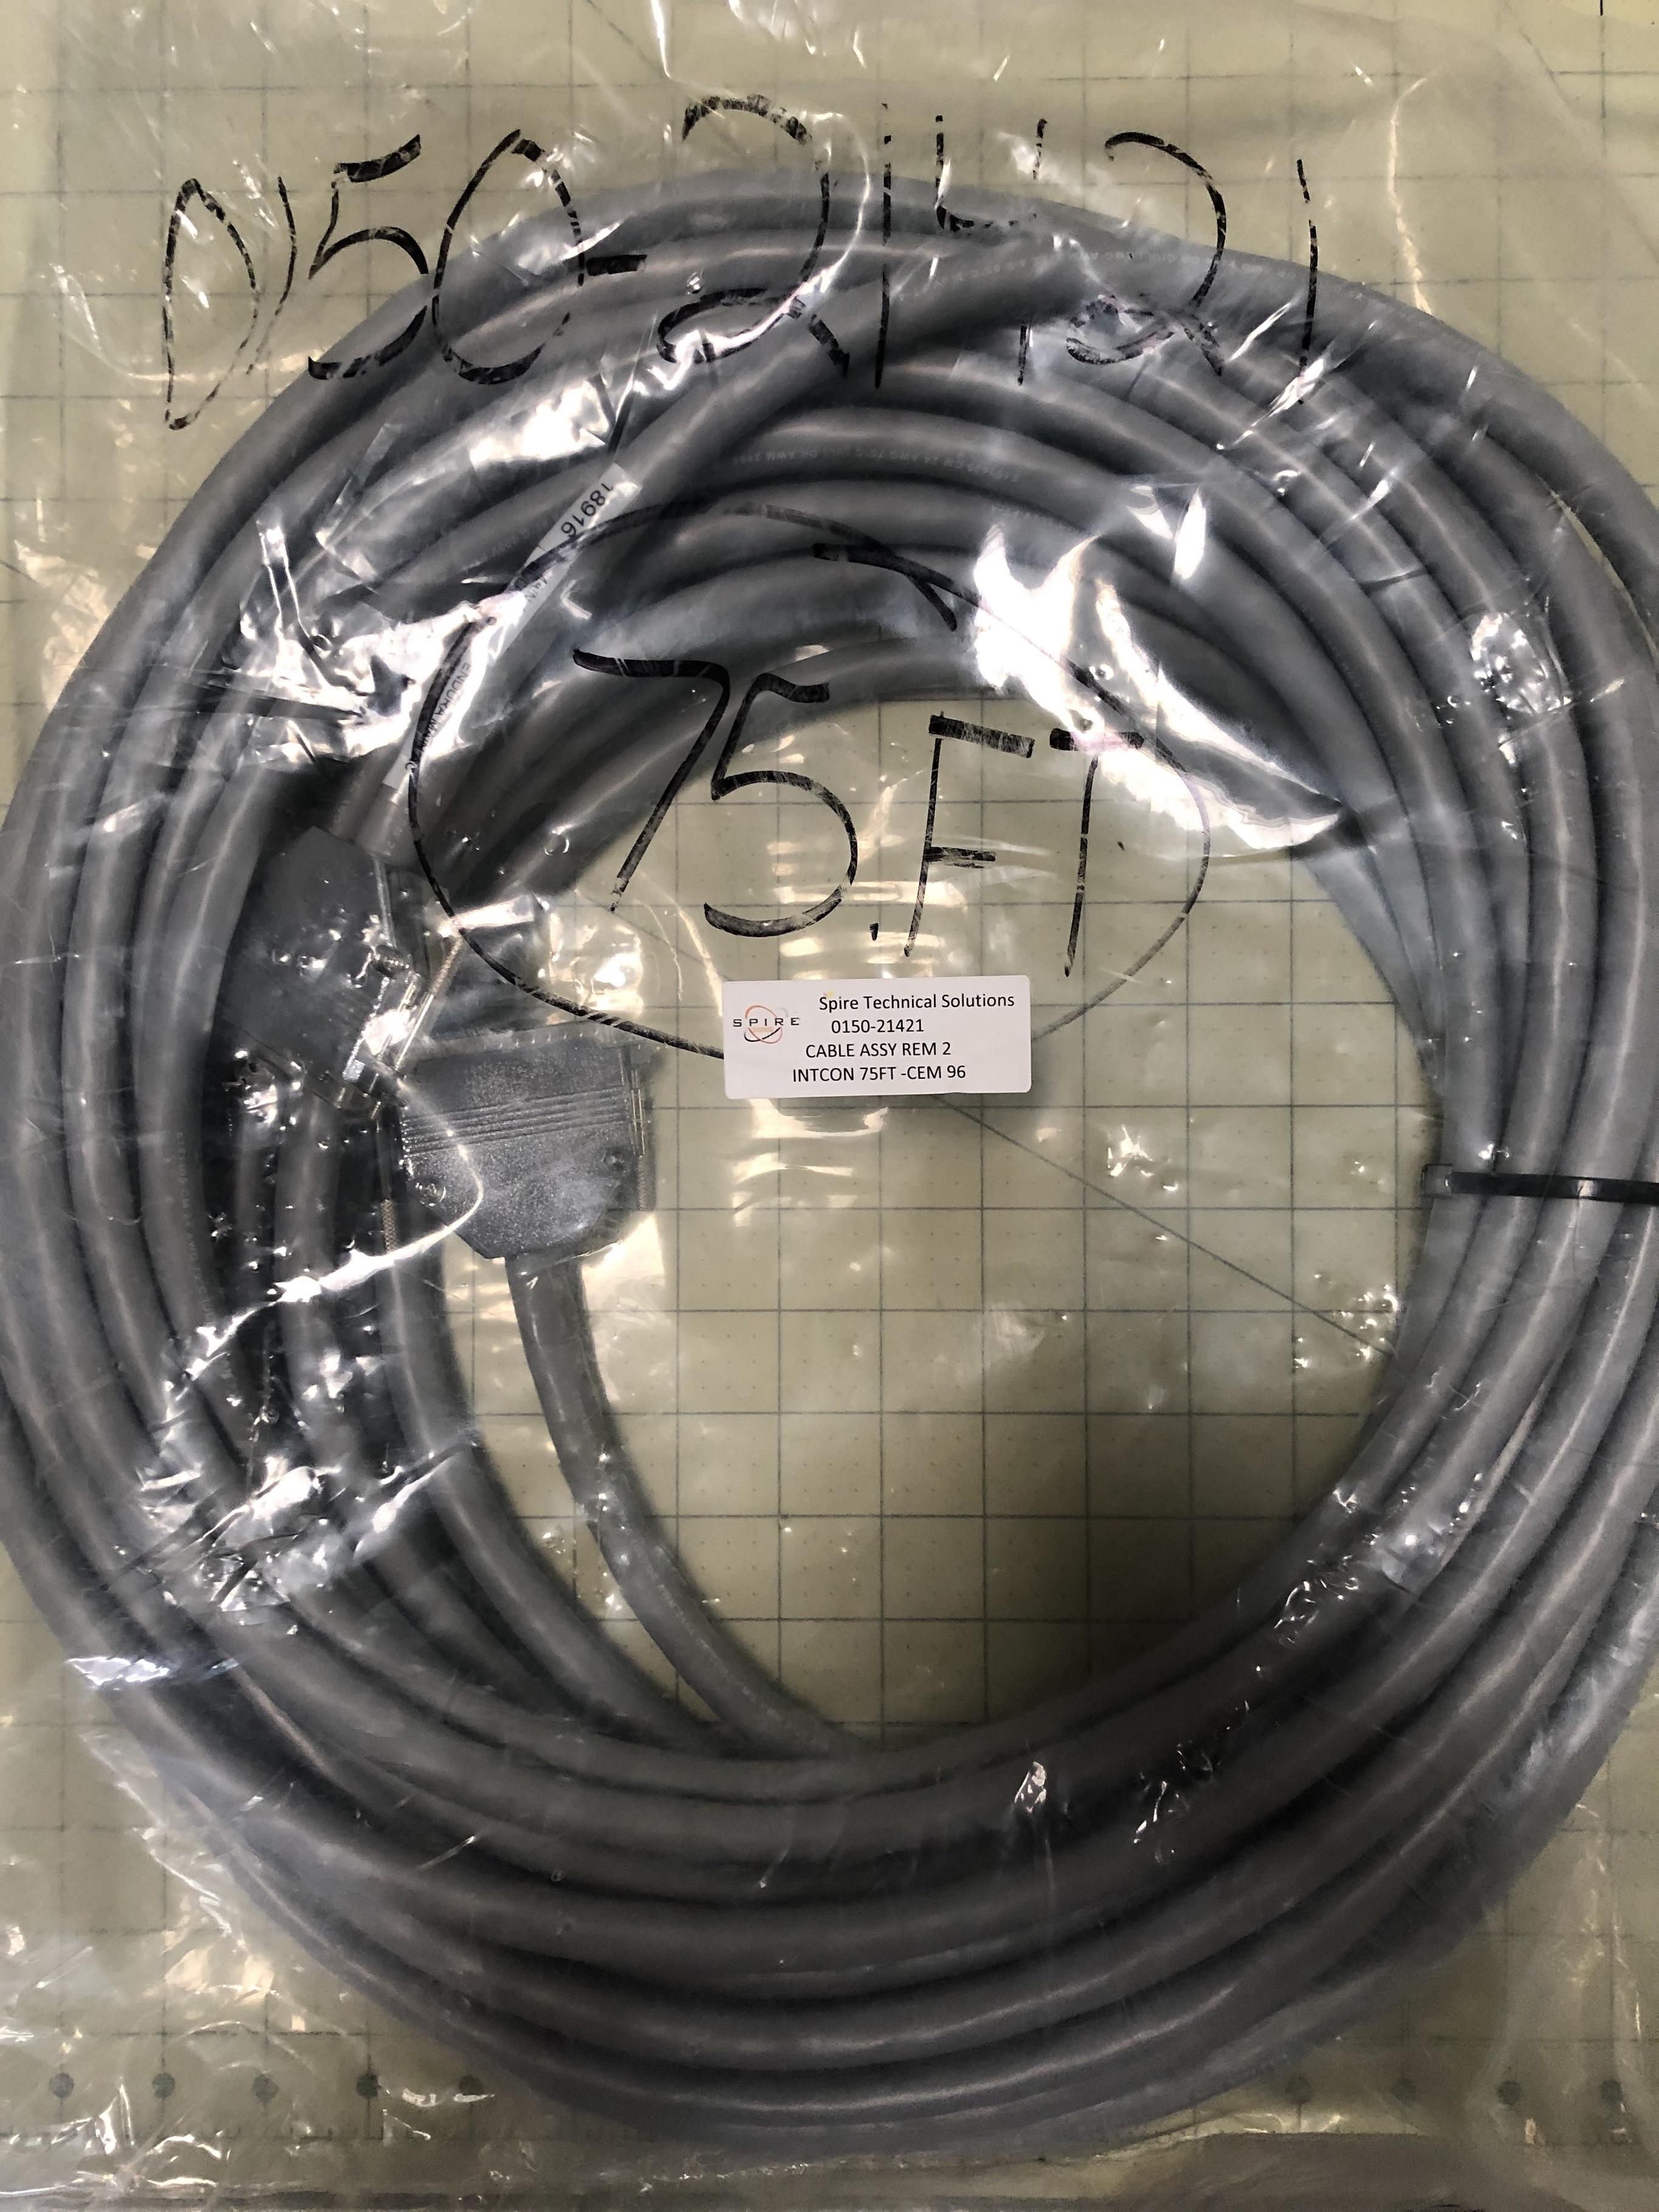 CABLE ASSY REM 2 INTCON 75FT -CEM 96